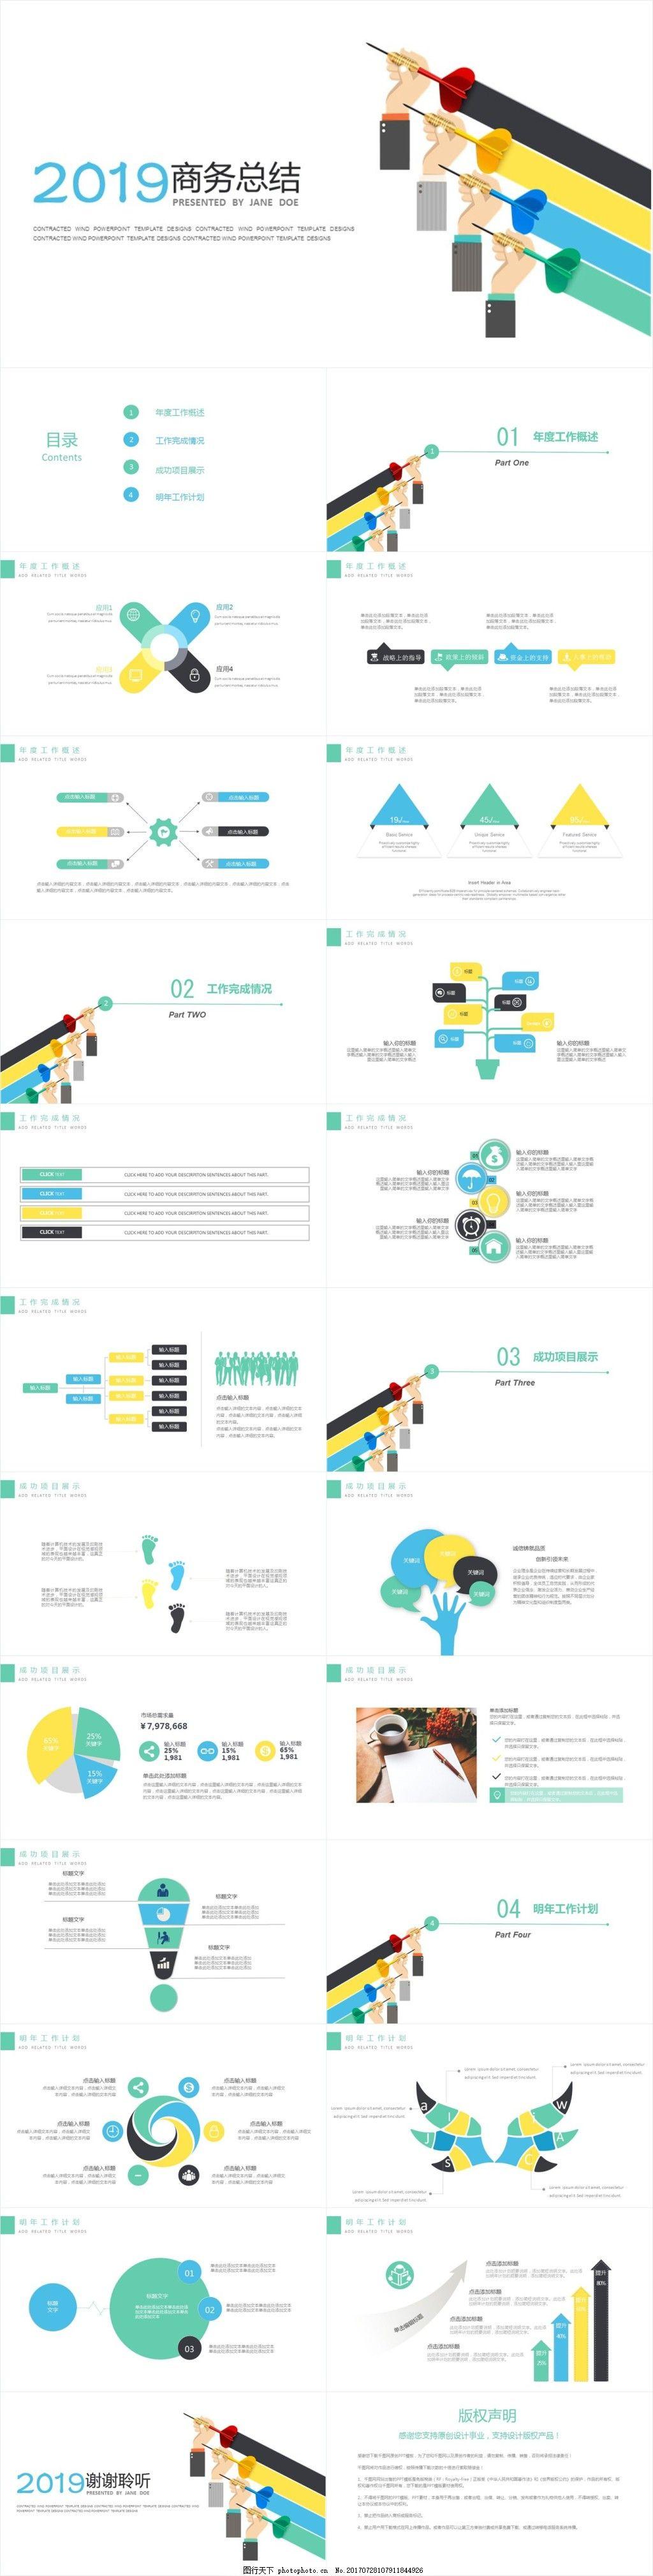 商务通用总结计划述职报告PPT模板 年中总结 工作 汇报 新年